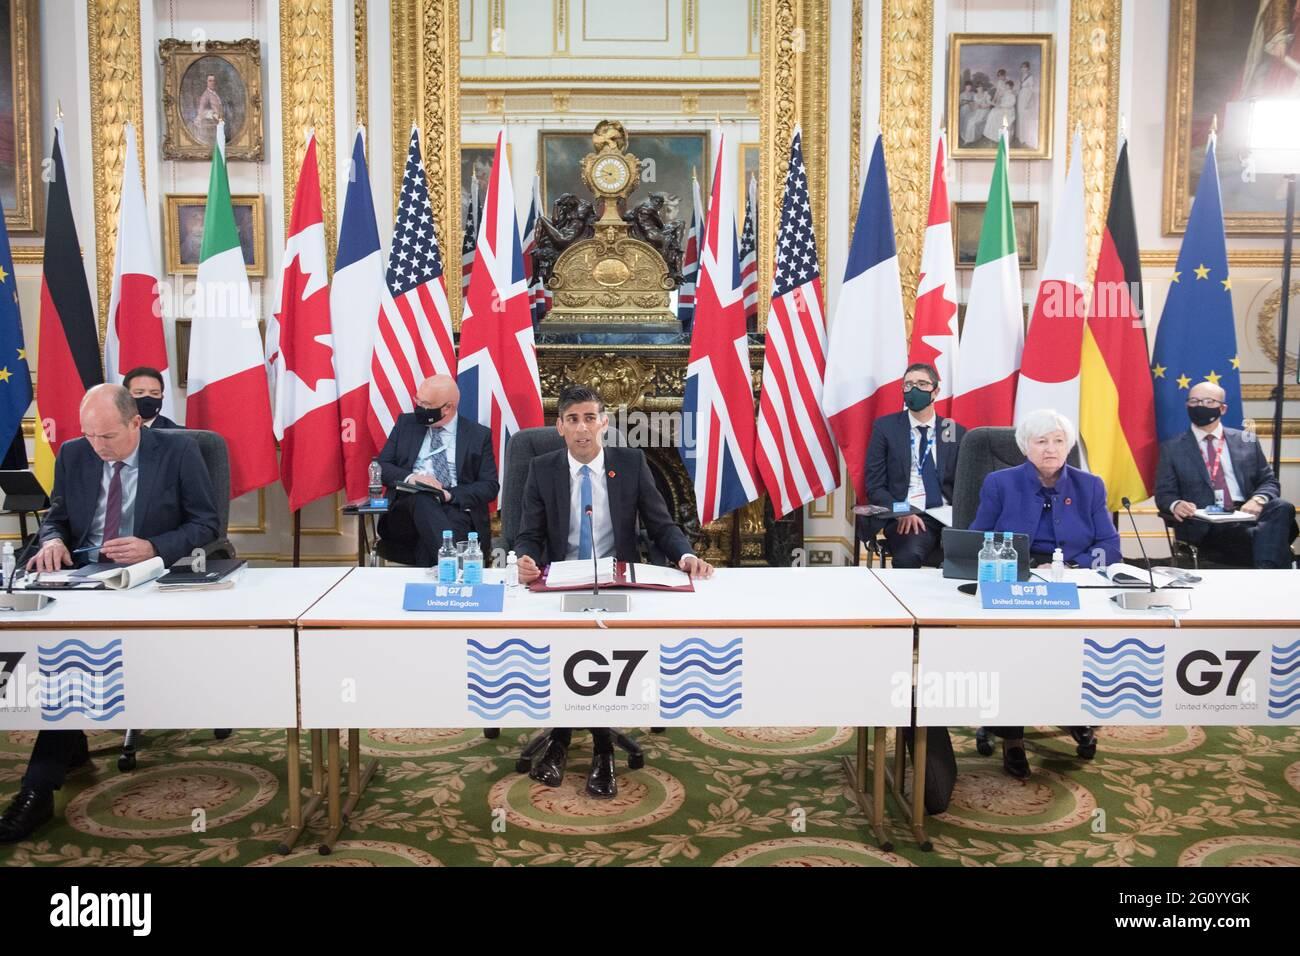 Cancelliere dello scacchiere Rishi Sunak in occasione di una riunione dei ministri delle finanze di tutte le nazioni del G7 a Lancaster House a Londra in vista del vertice dei leader del G7. Data immagine: Venerdì 4 giugno 2021. Foto Stock